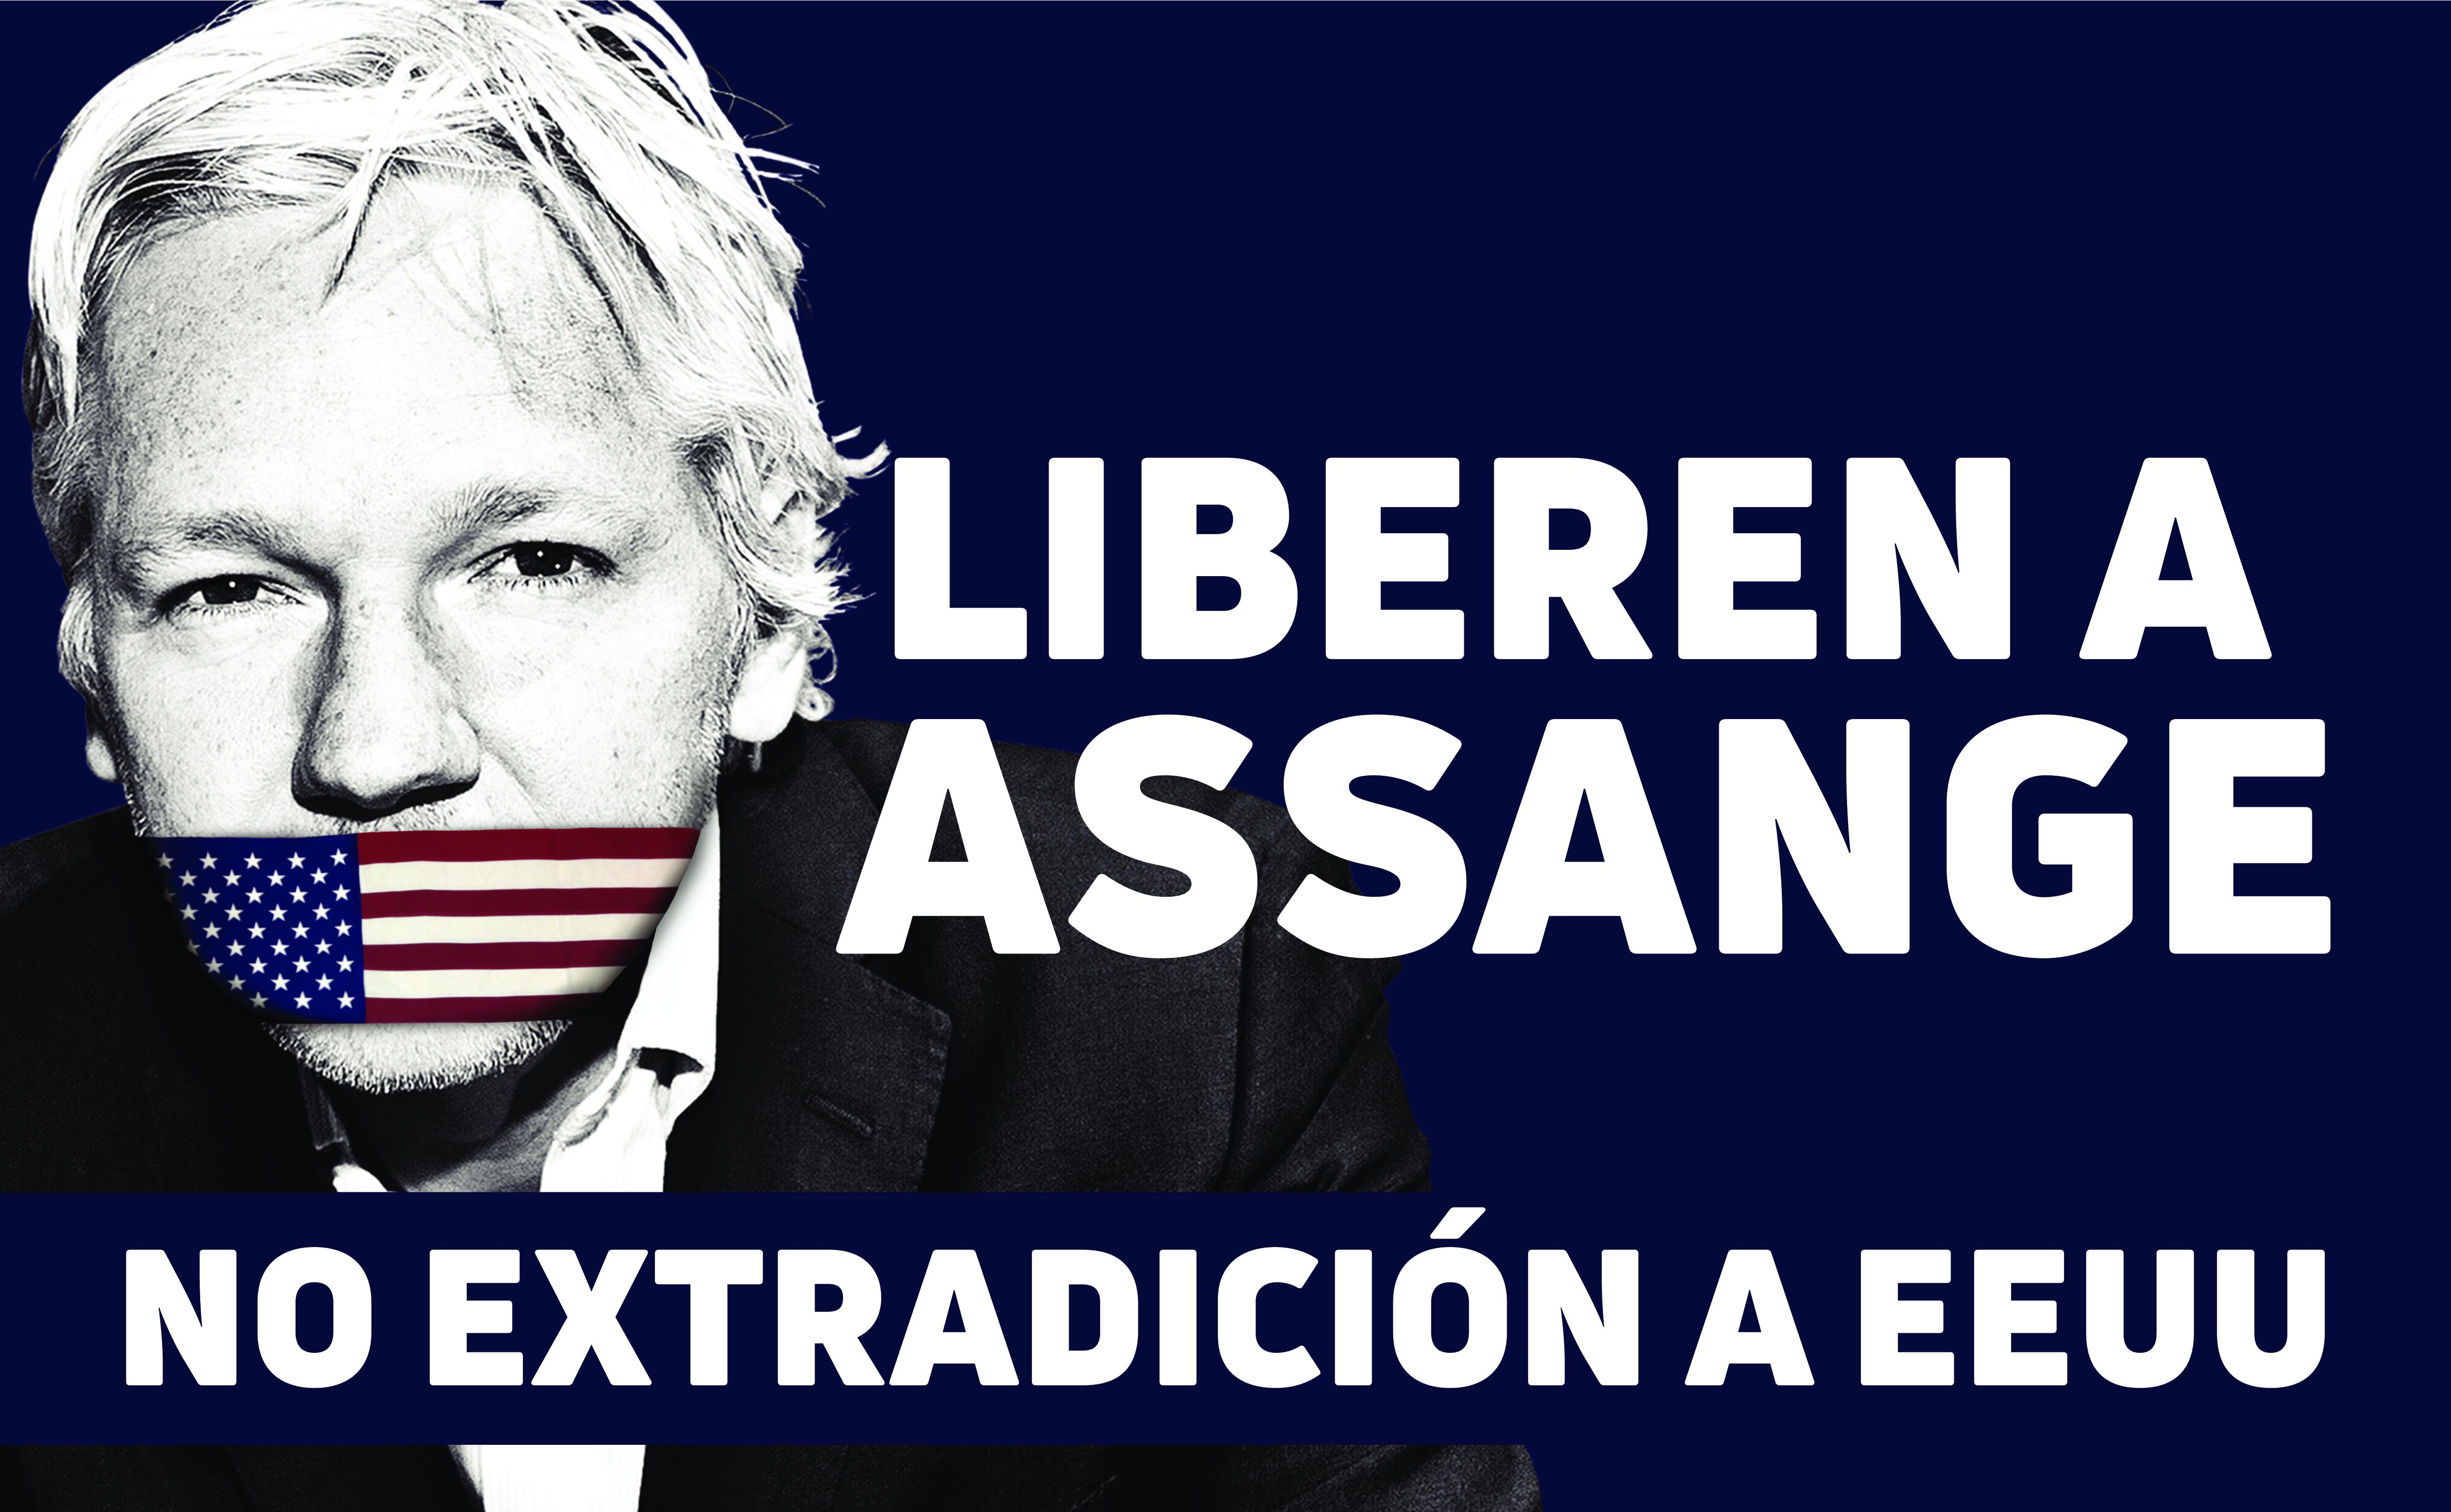 archivetempfree-assange-banner-130x80-es.pdf.png